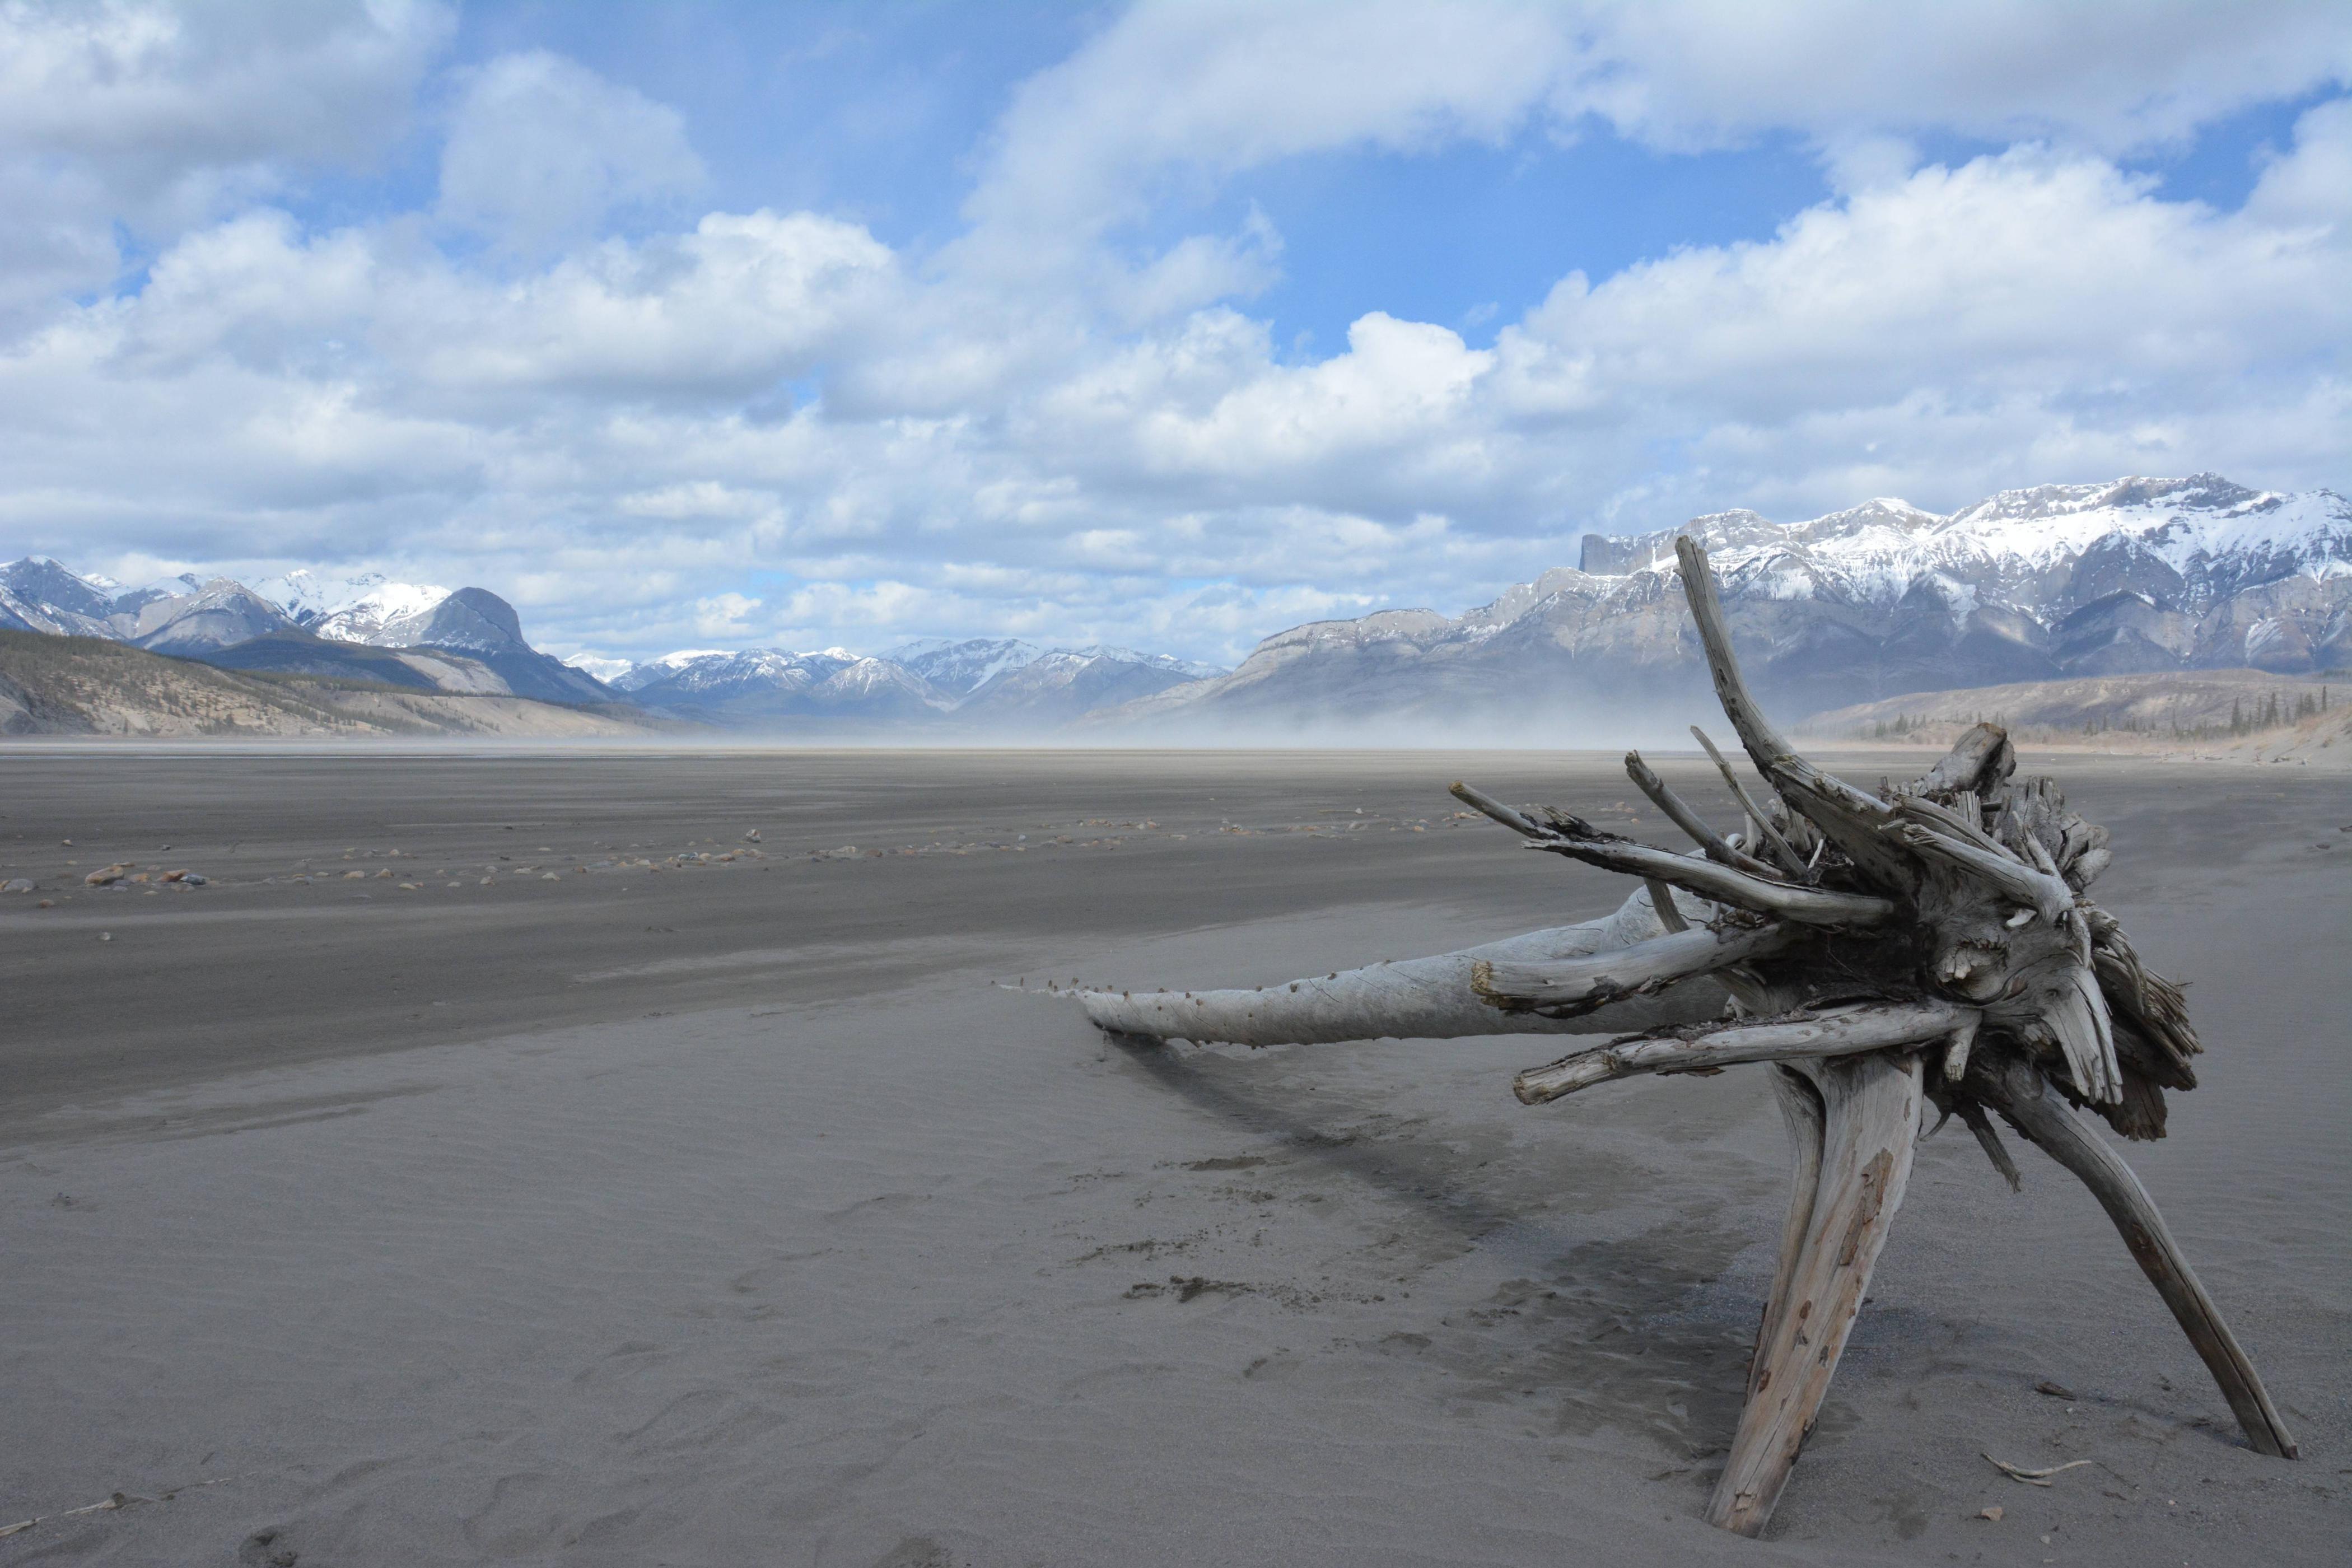 Jasper Lake Alberta [OC] [6000x4000] By Zach Brenissey